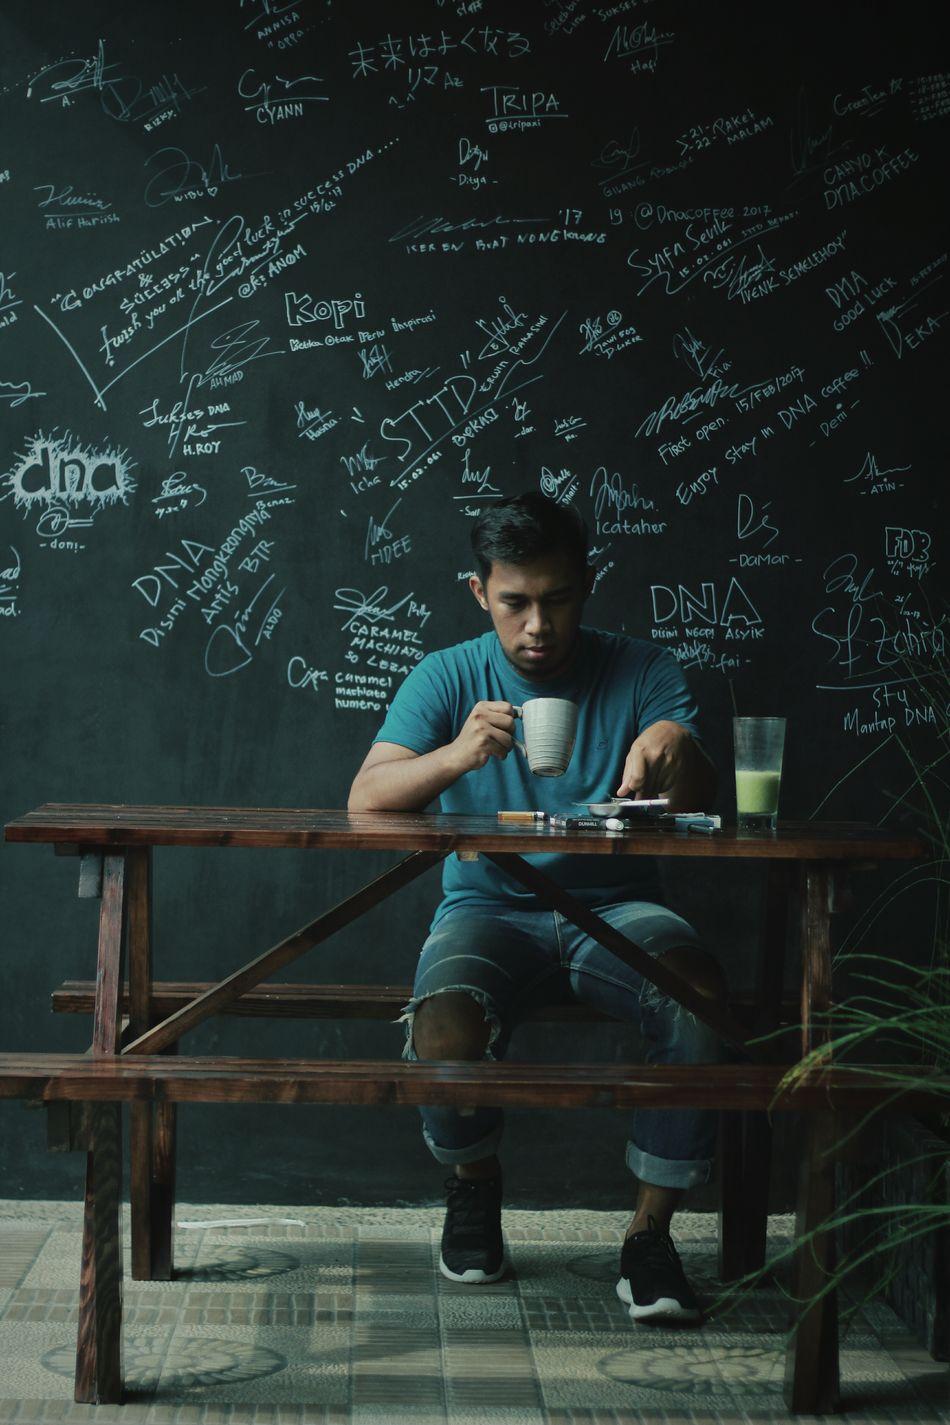 Penuh inspirasi di dalam secangkir kopi Coffee Coffee Time Coffee ☕ Coffeeaddict Coffee Lover Kopi Kopihitam Kopinusantara Kopiindonesia Kopisore Kopidinihari INDONESIA Indonesian